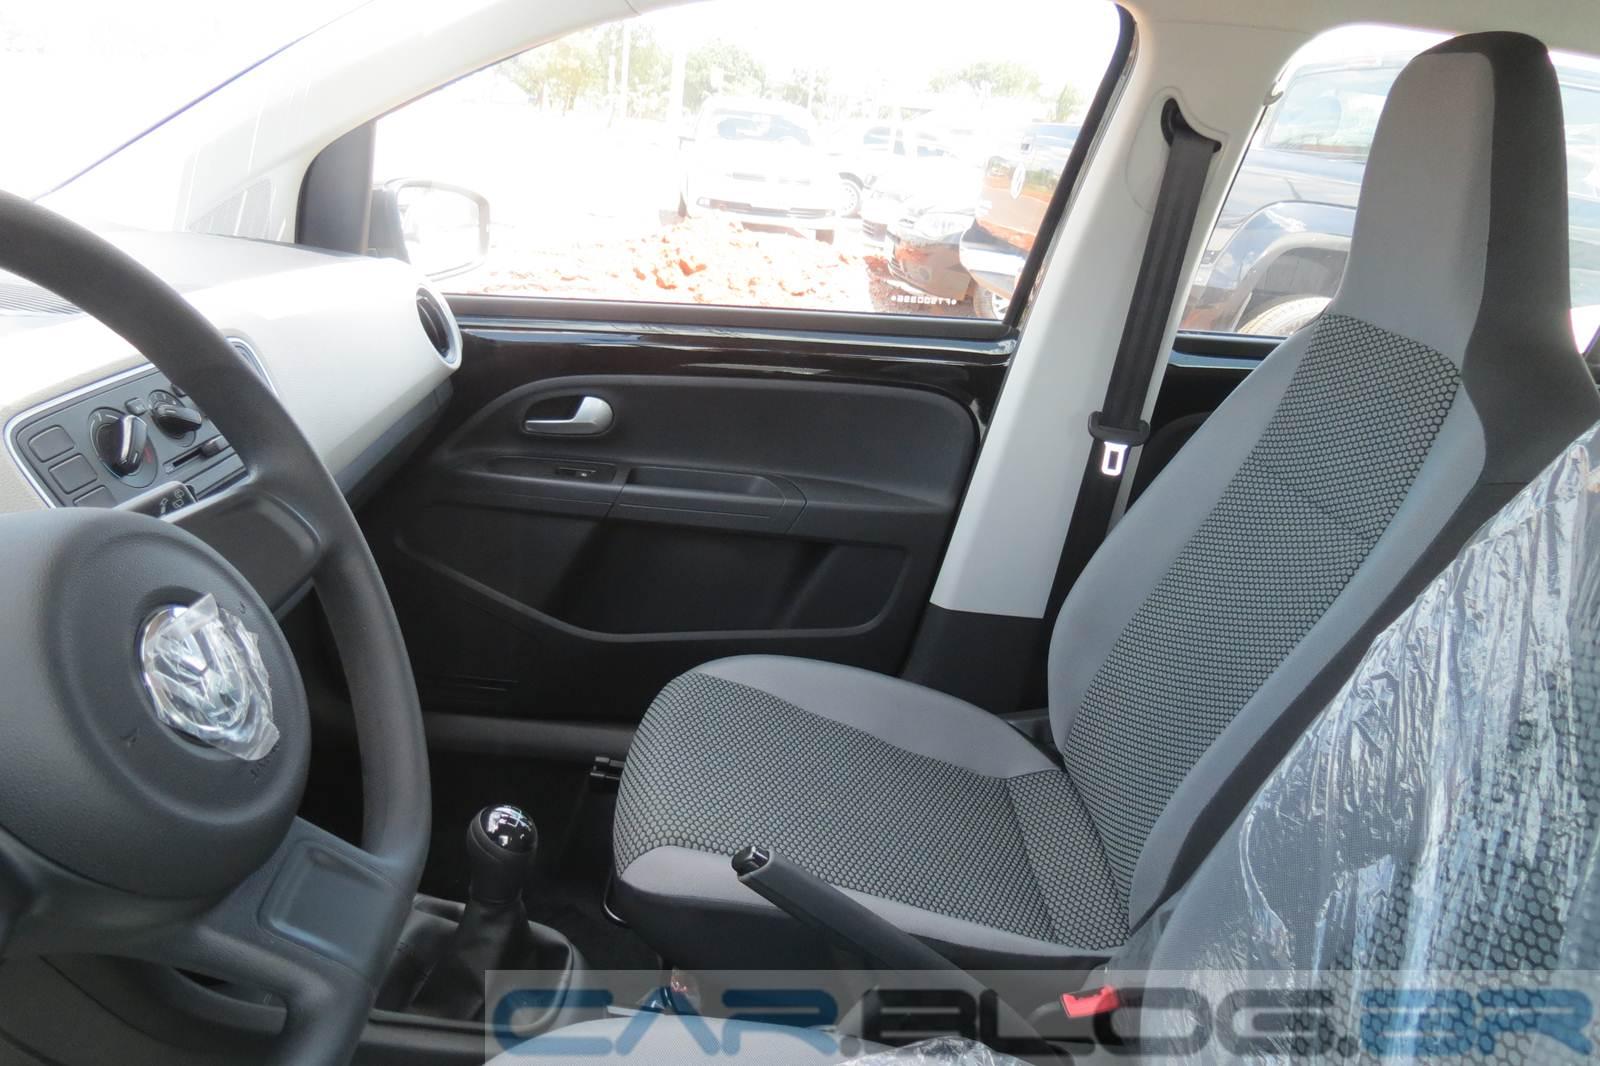 Volkswagen up! - impressões do proprietário - interior